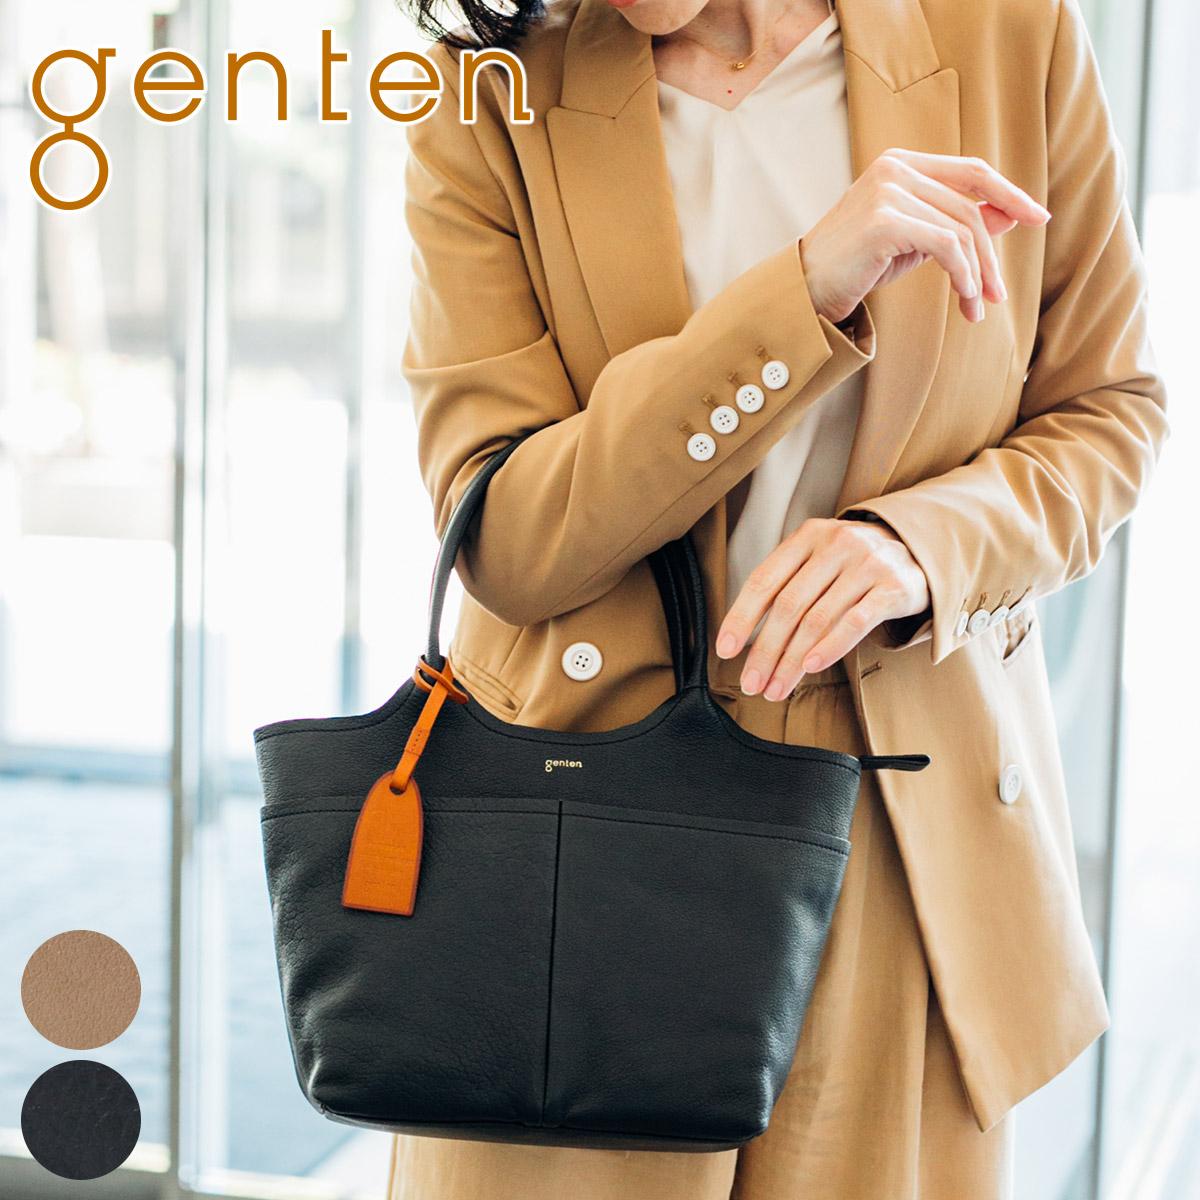 【かわいいWプレゼント付】 [ 新作 ] genten ゲンテン バッグタスカ 手さげバッグ 42061レディース ハンドバッグ ギフト かわいい おしゃれ プレゼント